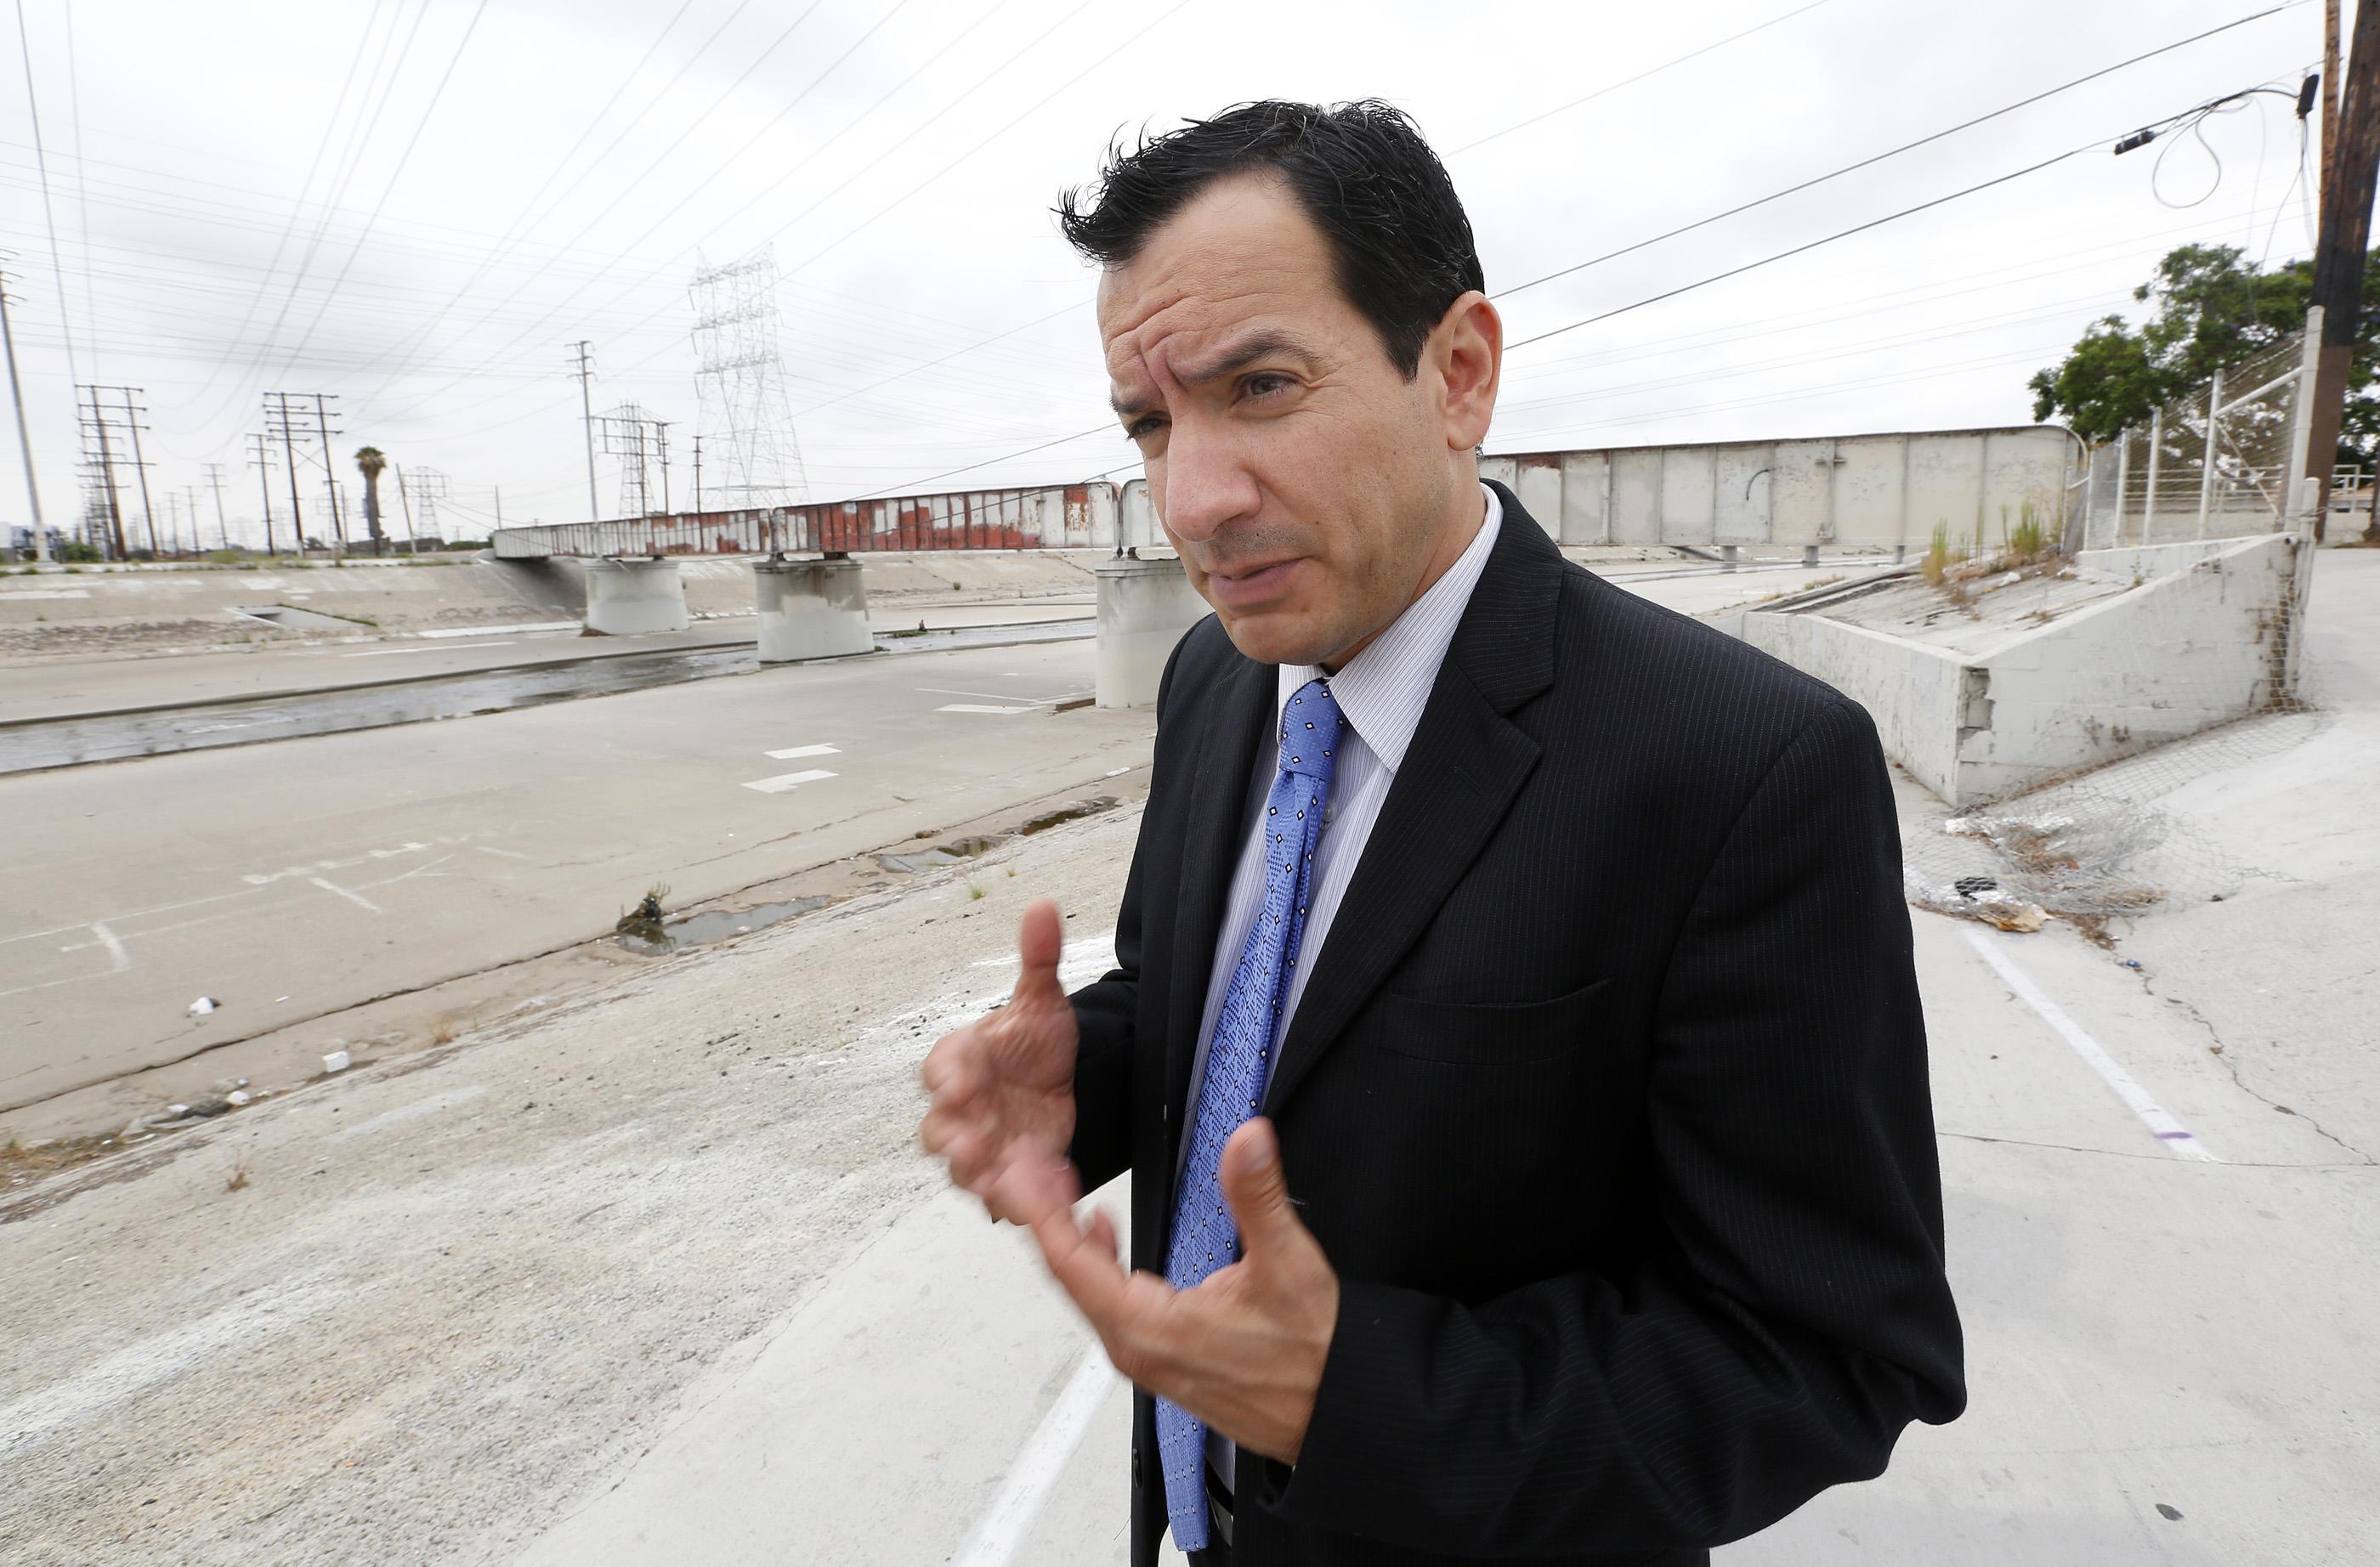 El asambleísta demócrata de Lakewood, Anthony Rendón, se ha propuesto revitalizar el otro río Los Ángeles, al que pocos prestan atención porque atraviesa por las ciudades más densamente pobladas por hispanos, Maywood, Lynwood, Bell, Cudahy, Paramount, South Gate y la parte norte de Long Beach